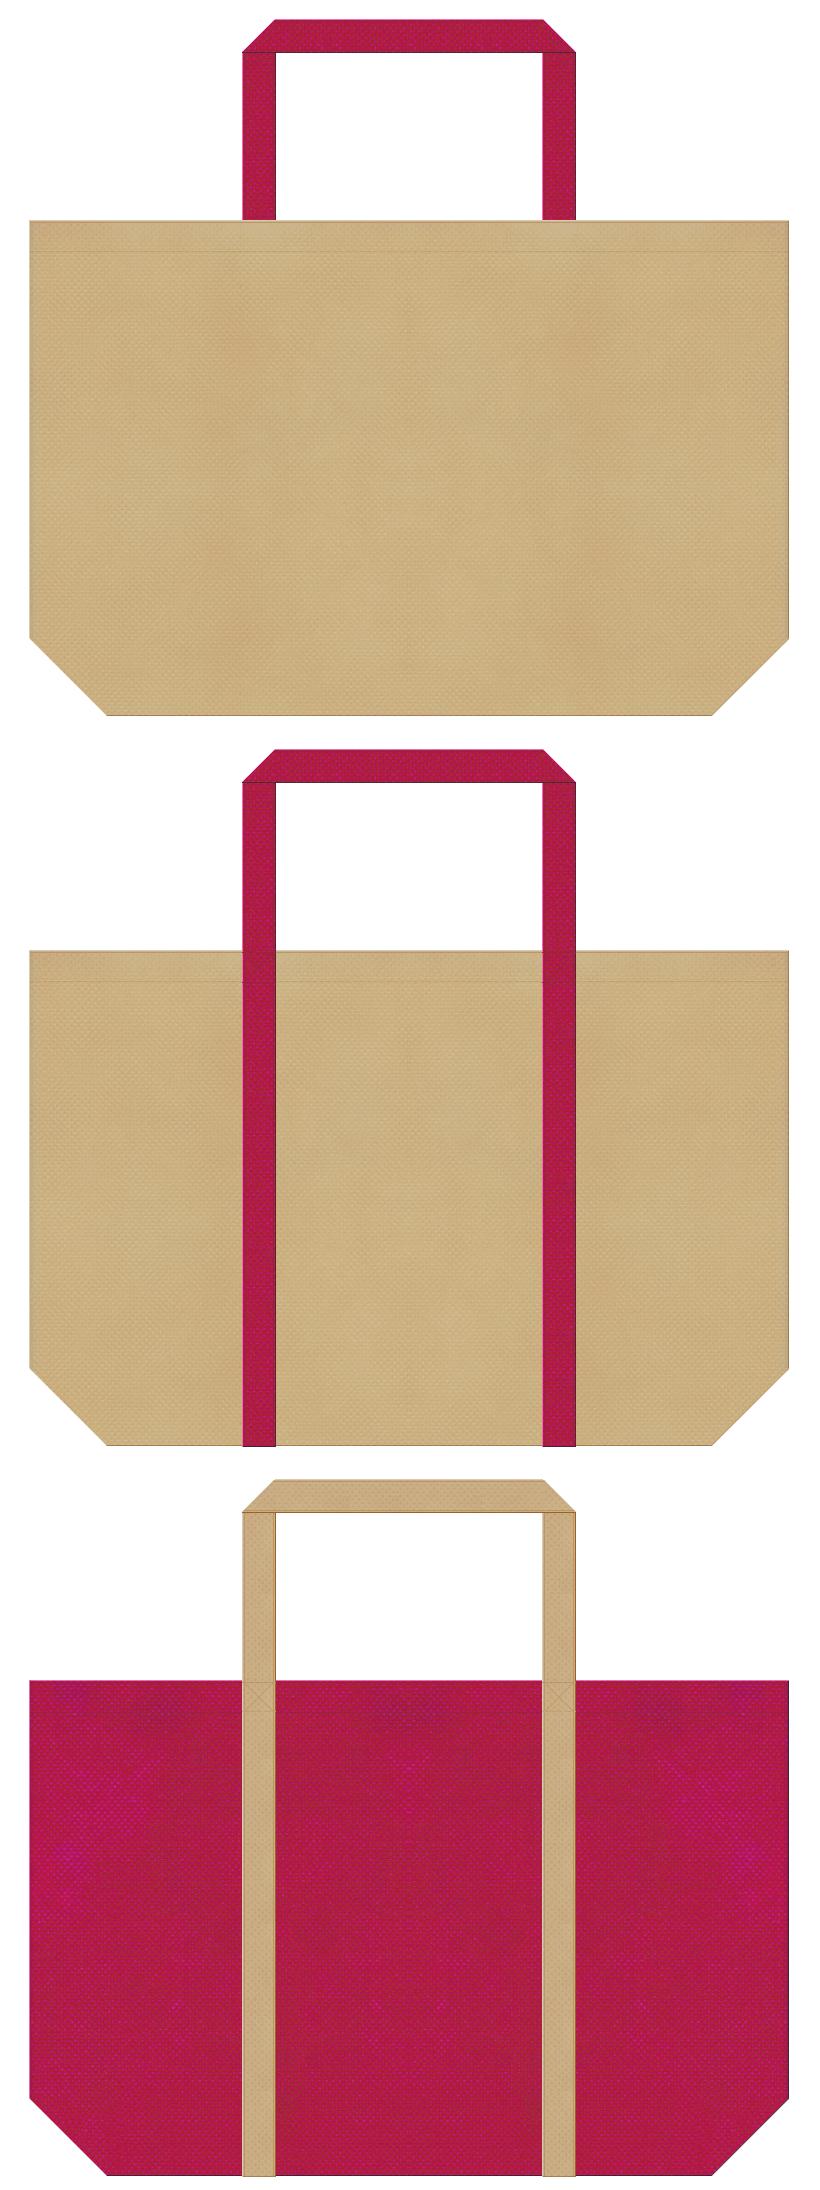 カーキ色と濃いピンク色の不織布バッグデザイン。和雑貨のショッピングバッグ、和風柄にお奨めです。